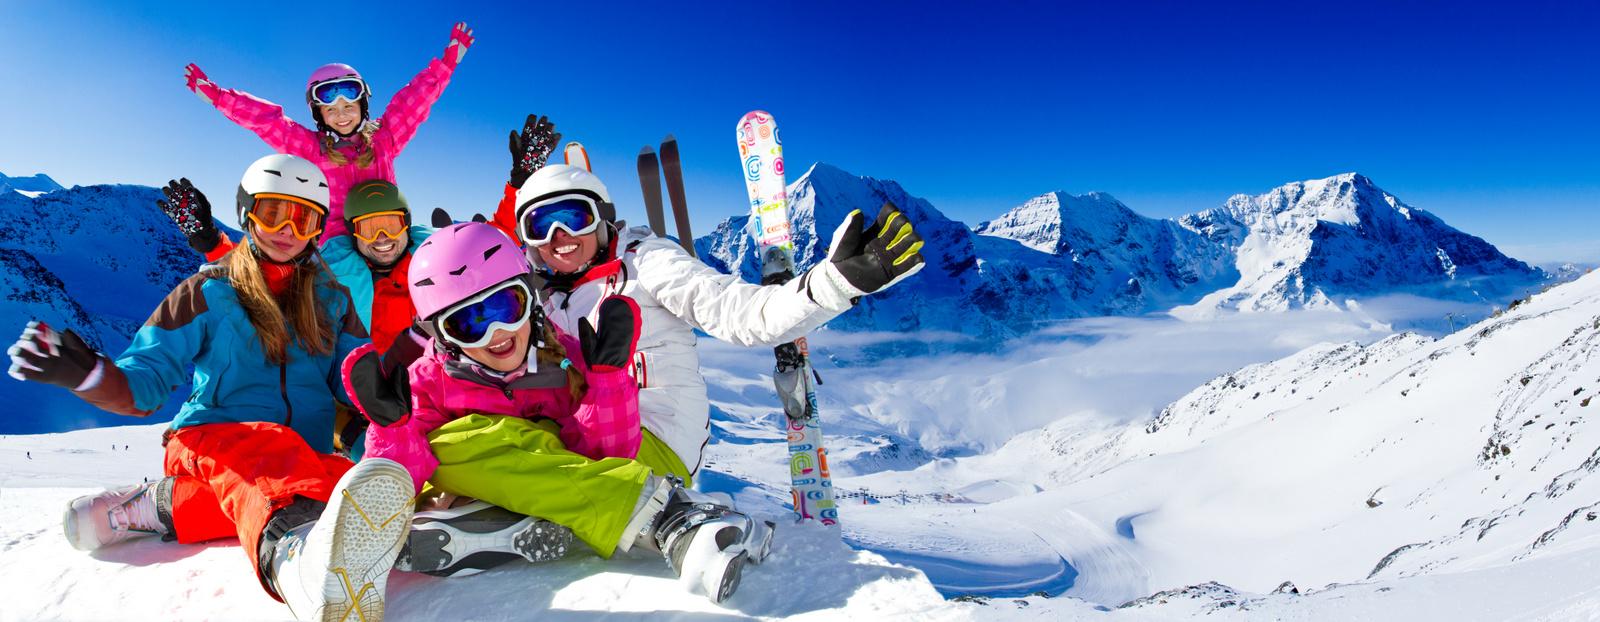 Noleggio e riparazione Sci e snowboard belluno